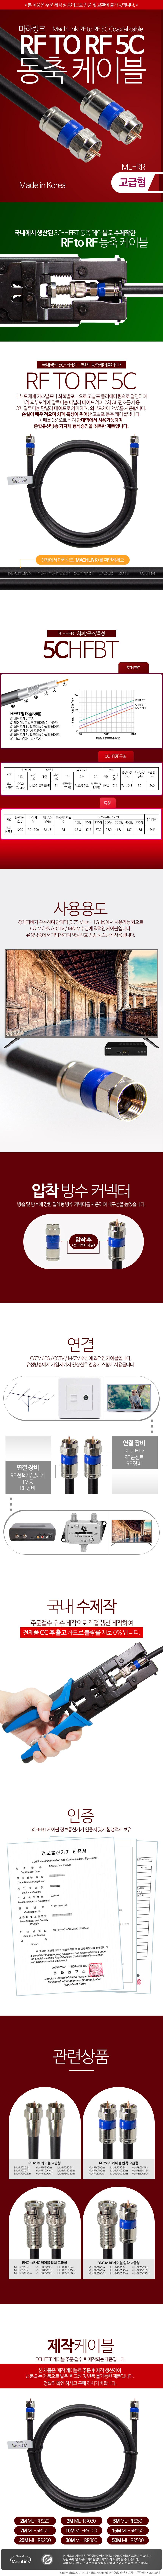 마하링크  RF to RF 5C 동축 케이블 (ML-RR)(20m)